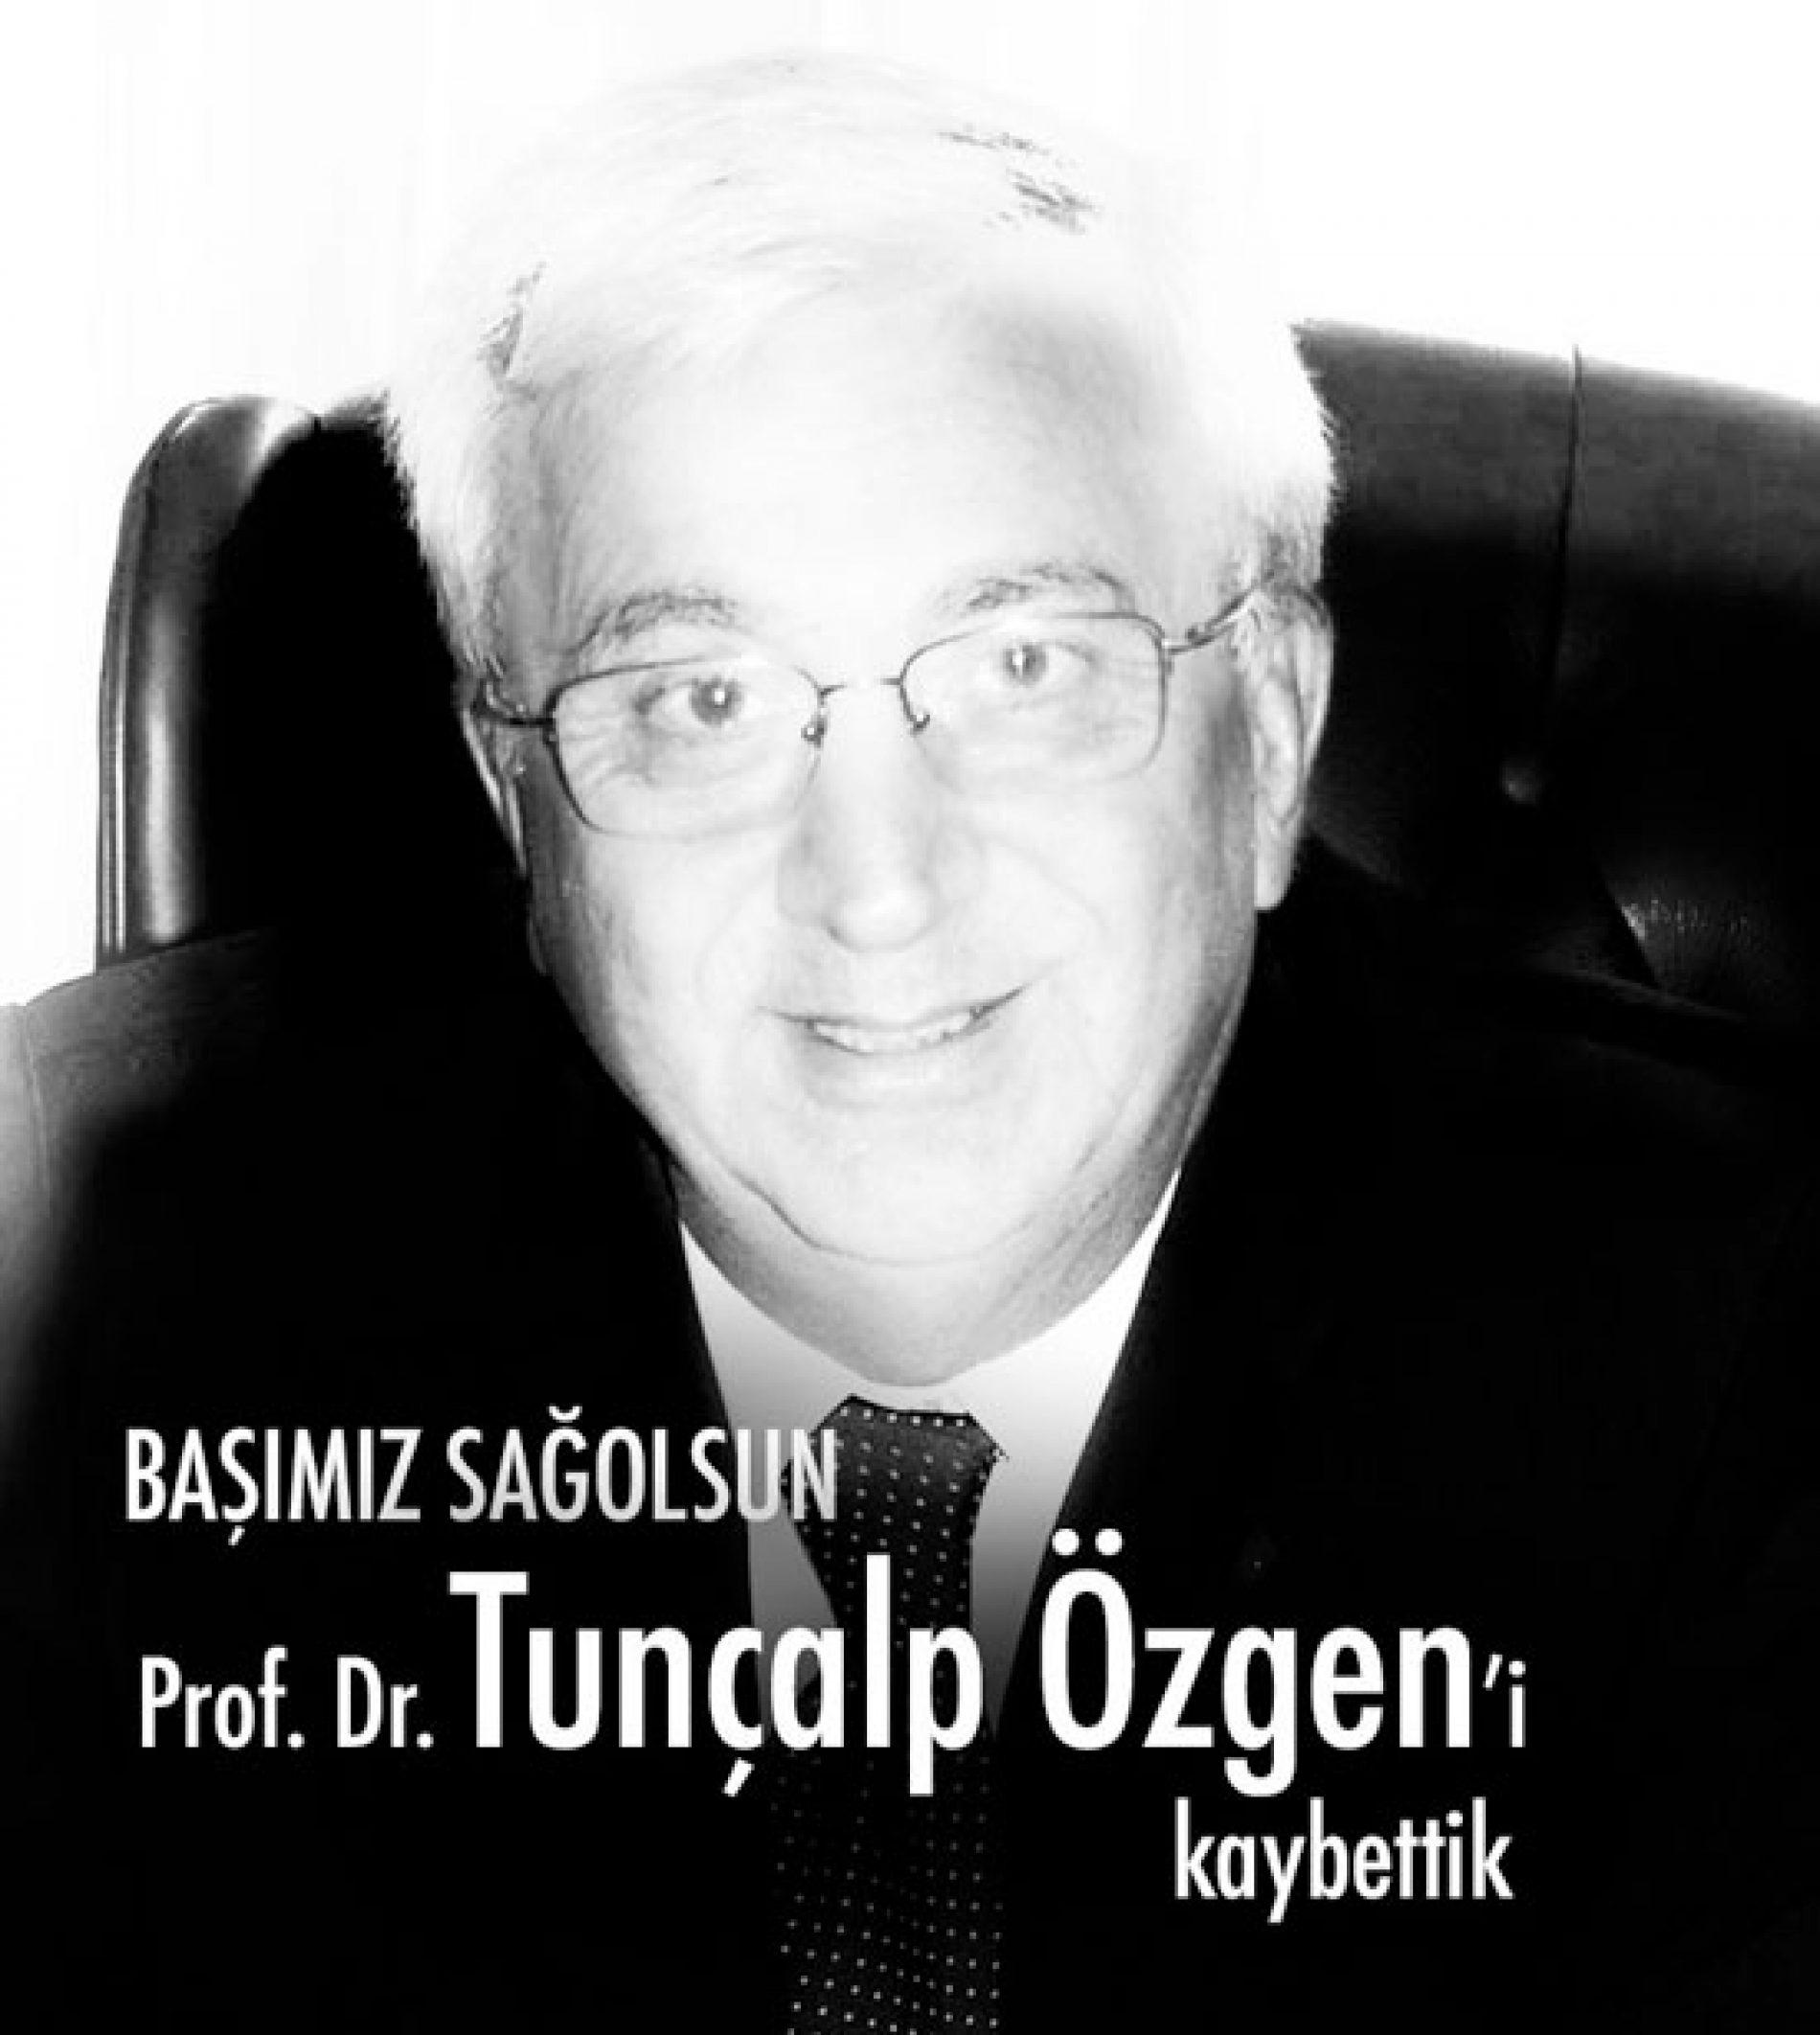 ESKİ REKTÖRLERİMİZDEN PROF. DR. TUNÇALP ÖZGEN'i KAYBETTİK